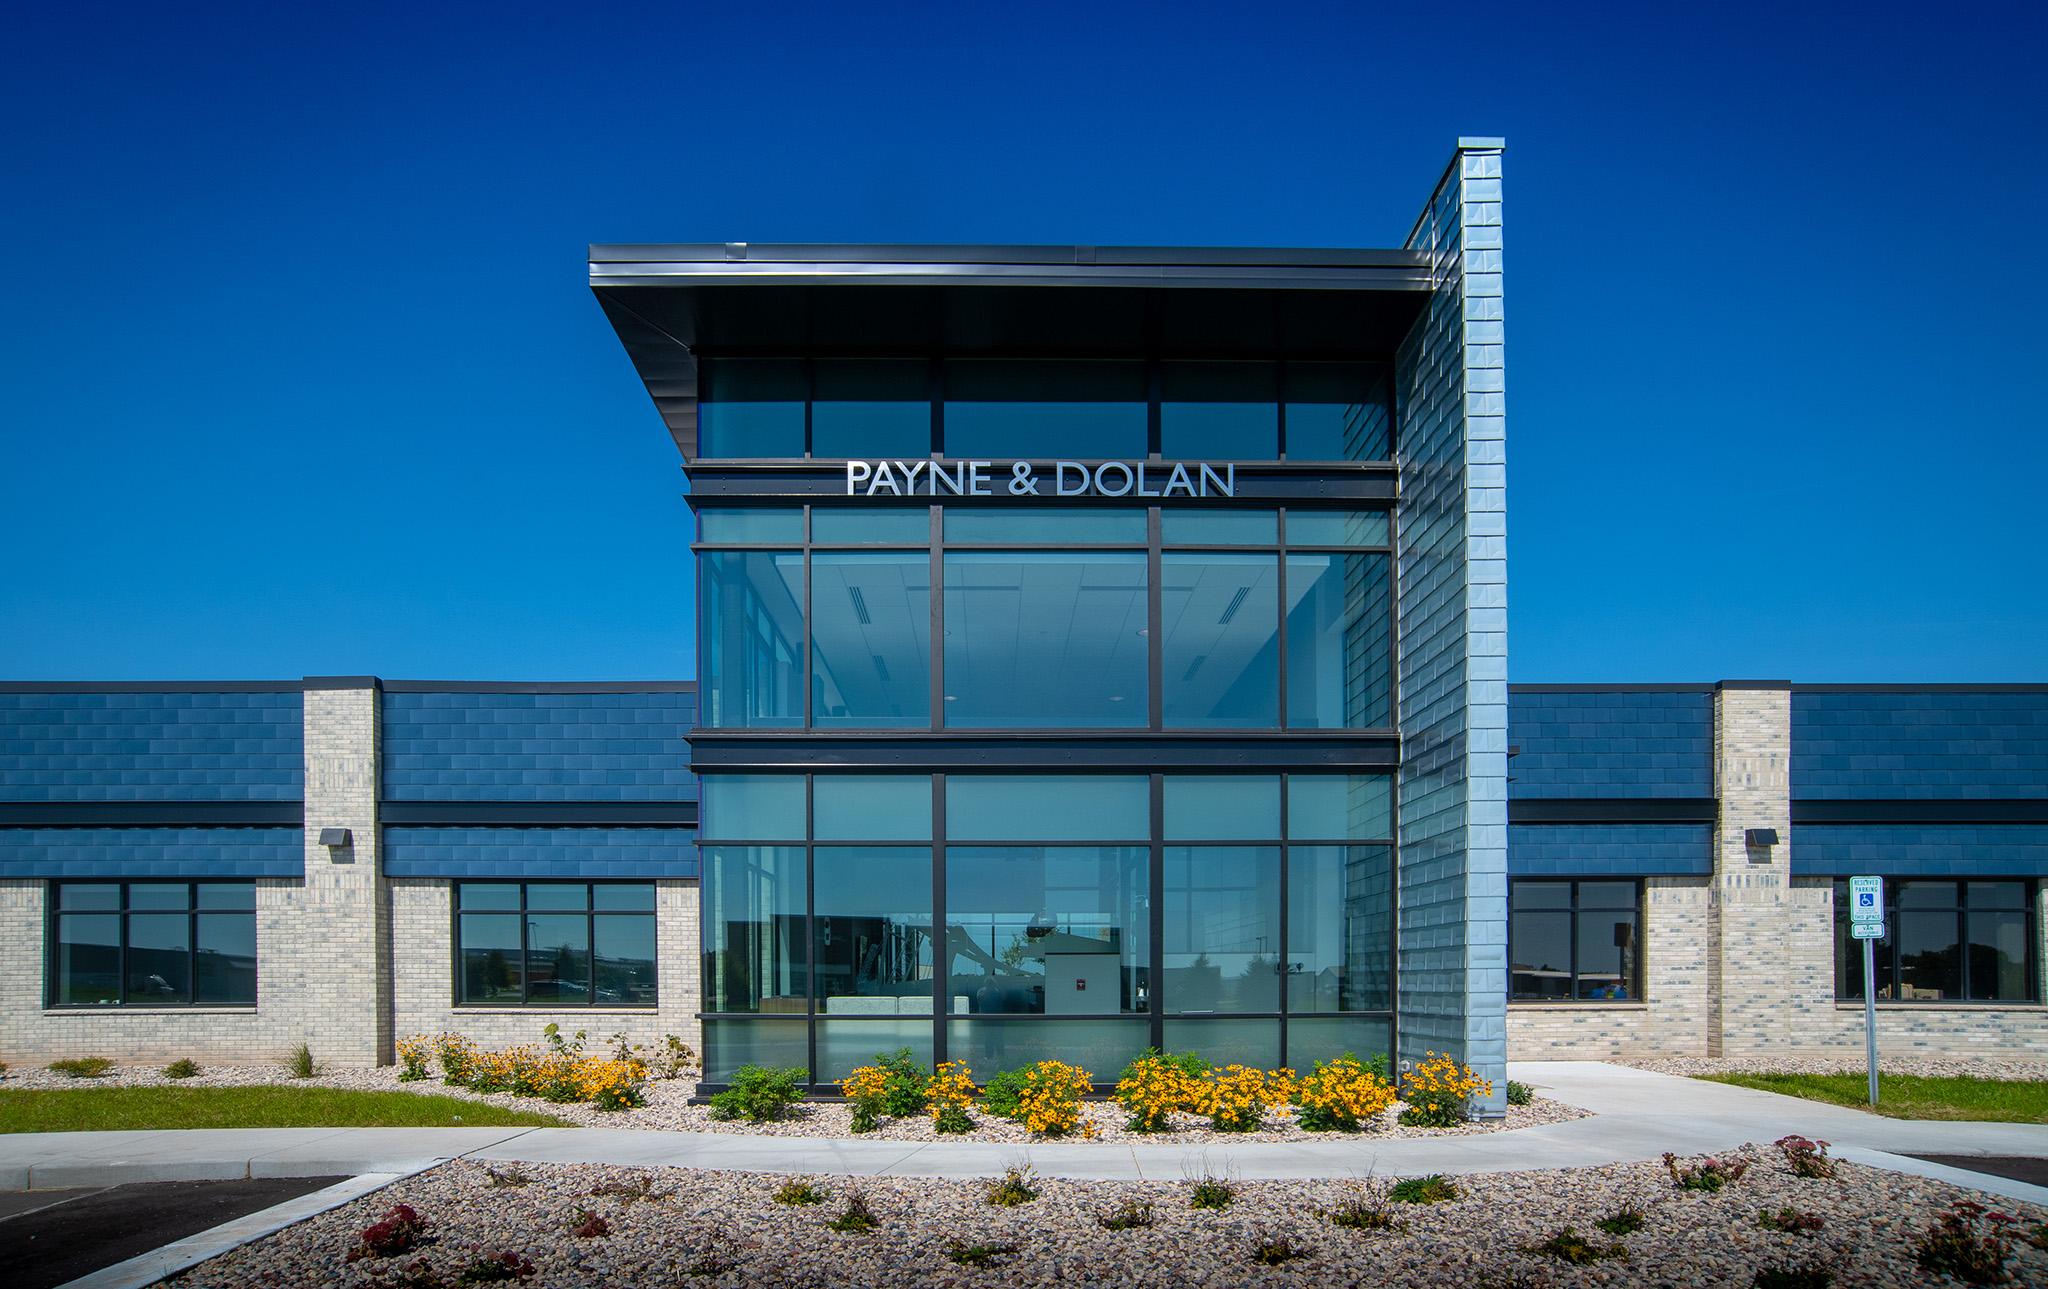 6_Payne & Dolan Office Renovation